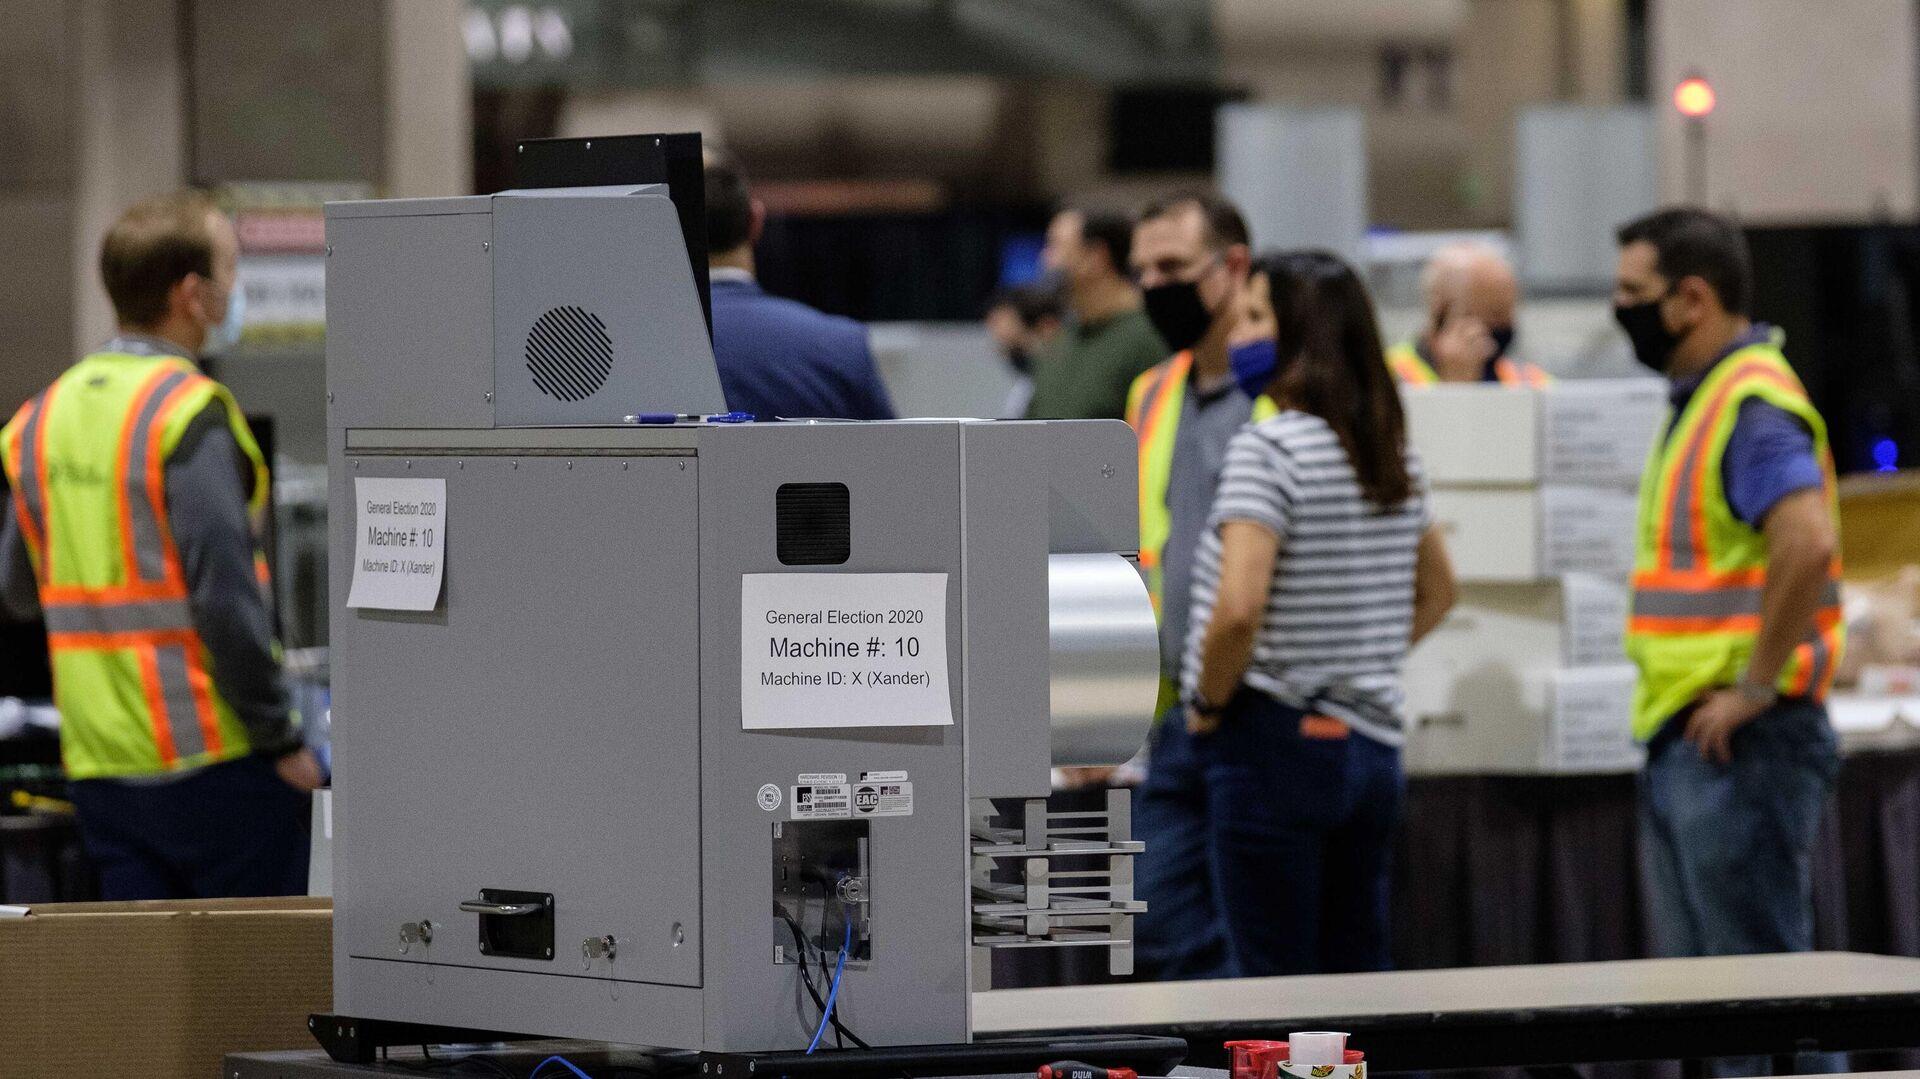 Машина для подсчета голосов внутри Конгресс-центра в Филадельфии - РИА Новости, 1920, 18.11.2020